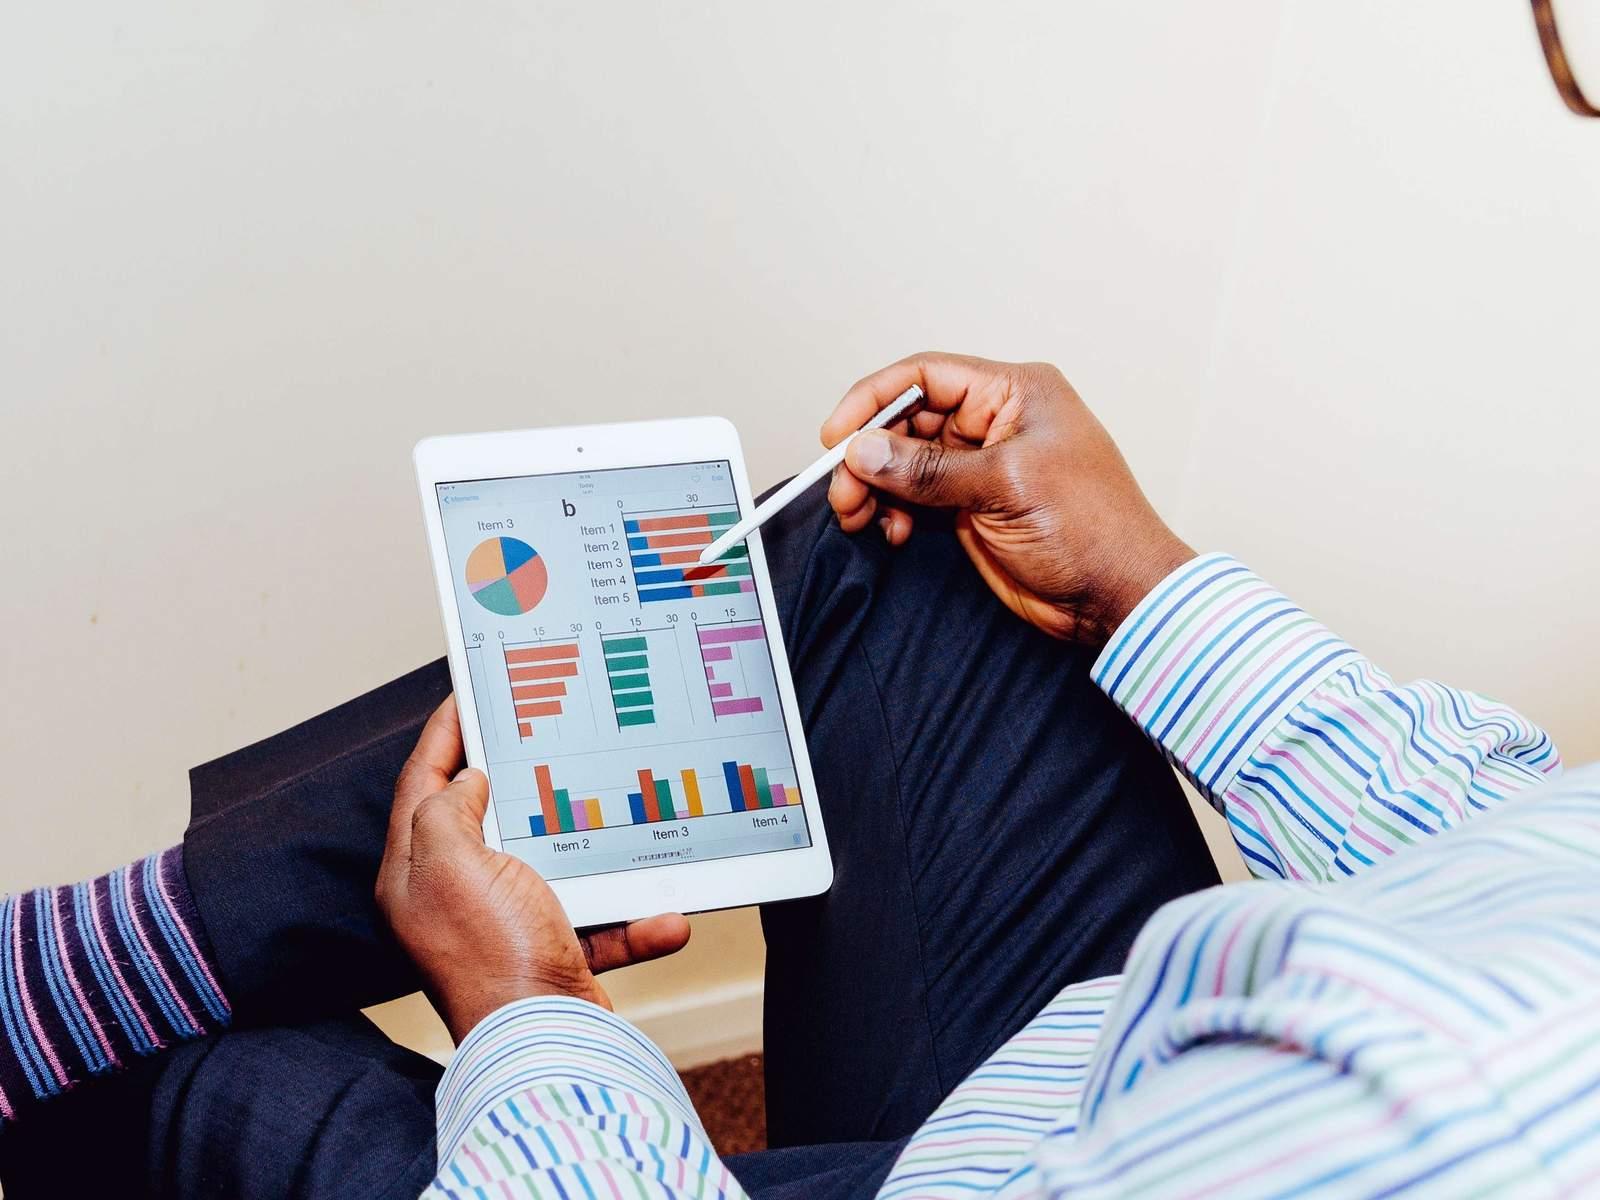 Приложения букмекерских контор для ставок даже позволяют пополнять счет и выводить средства со счета.Все это привлекает беттеров и позволяет им совершать ставки на спорт .